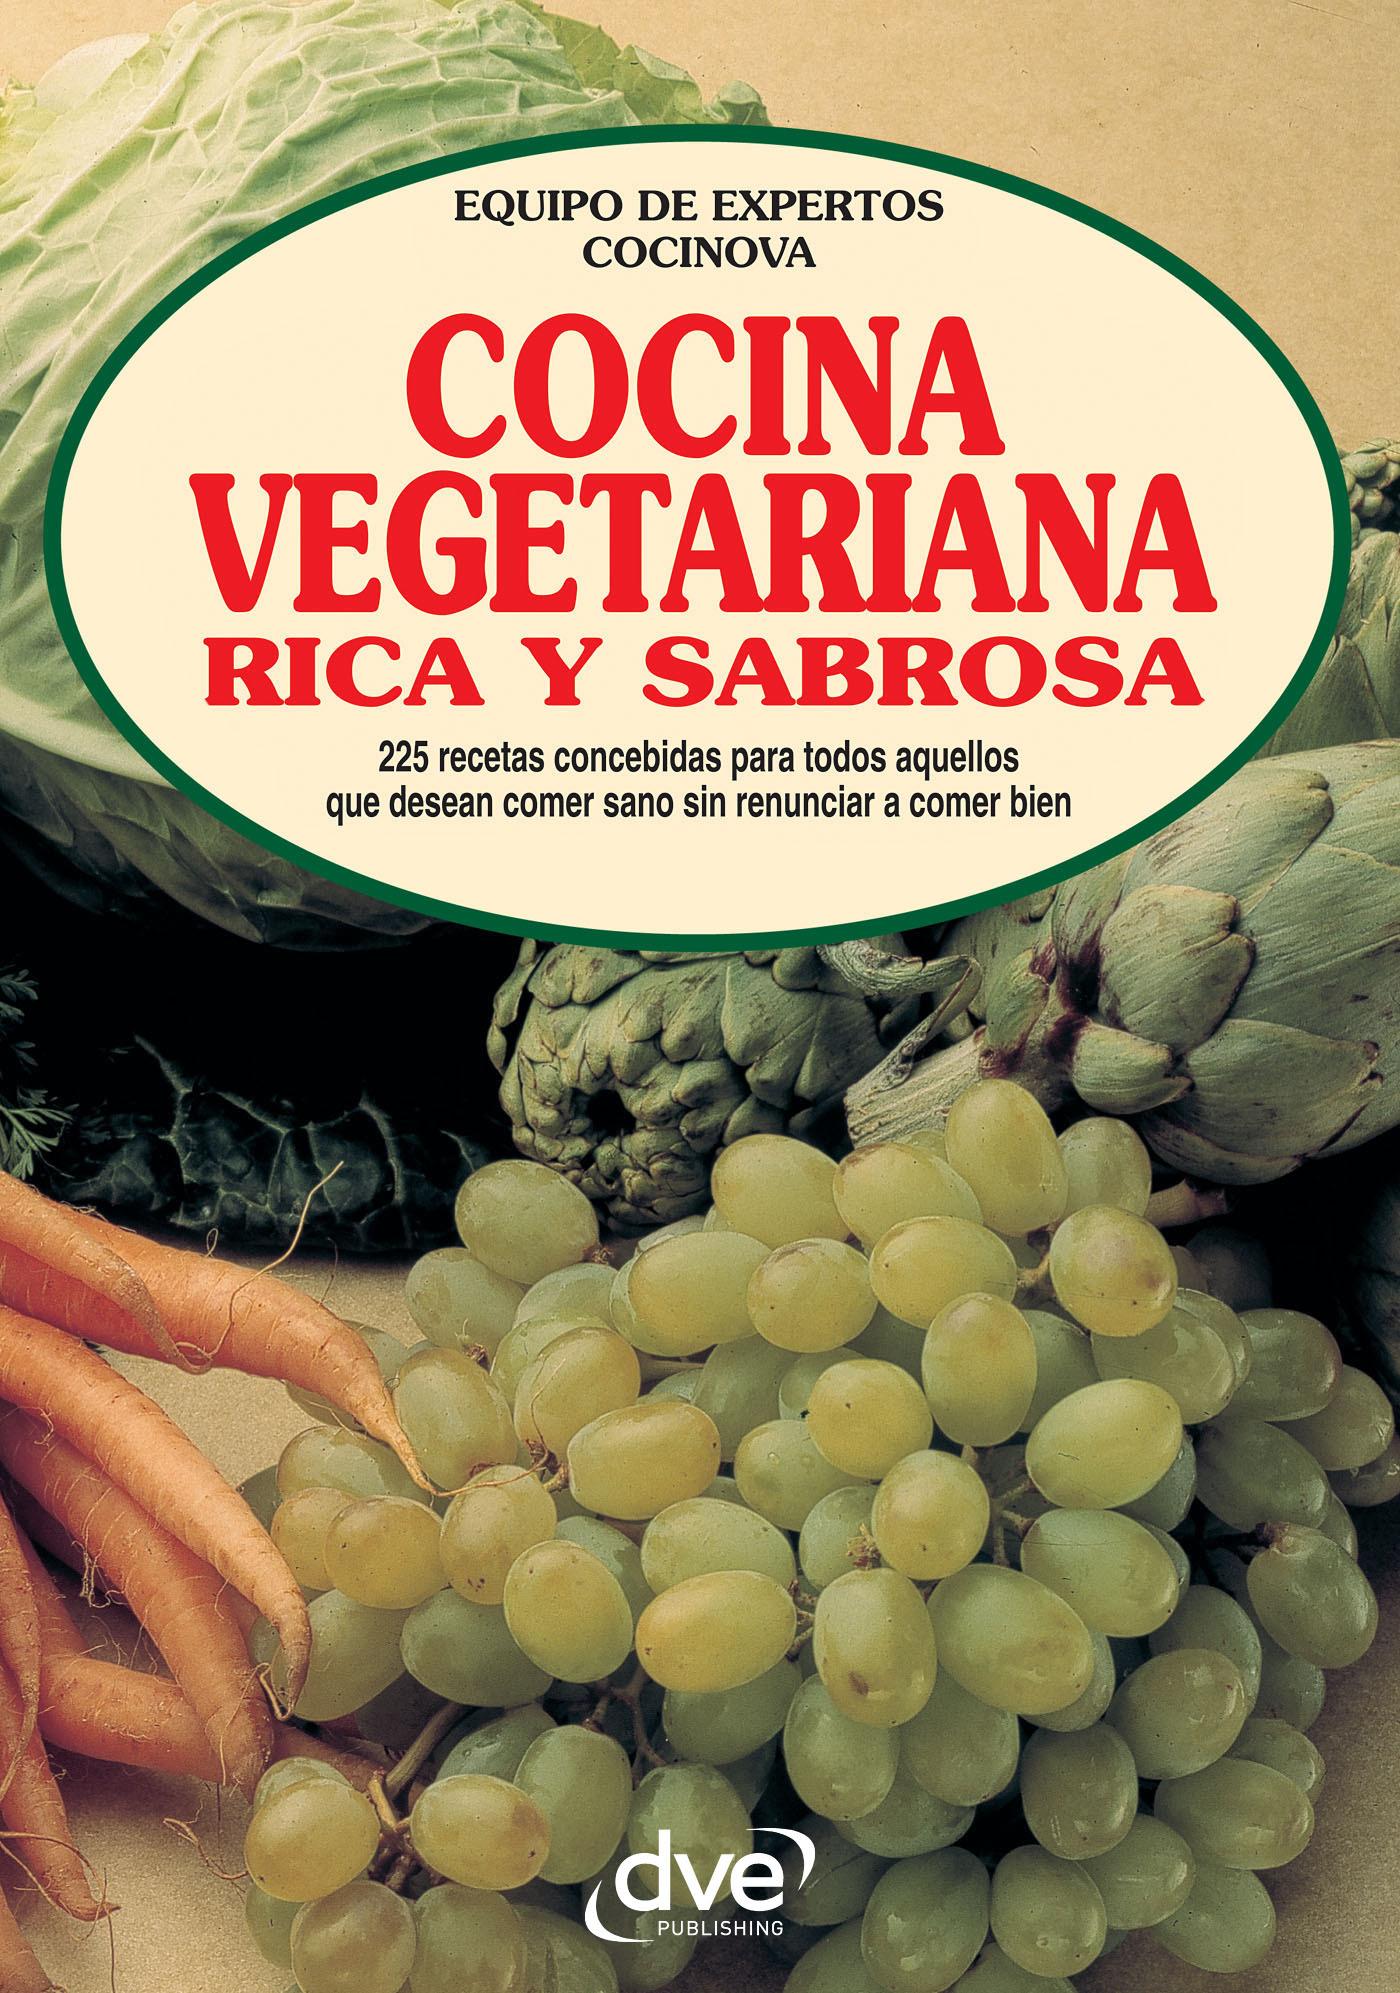 Cocinova, Equipo de expertos Cocinova Equipo de expertos - Cocina vegetariana rica y sabrosa, e-bok